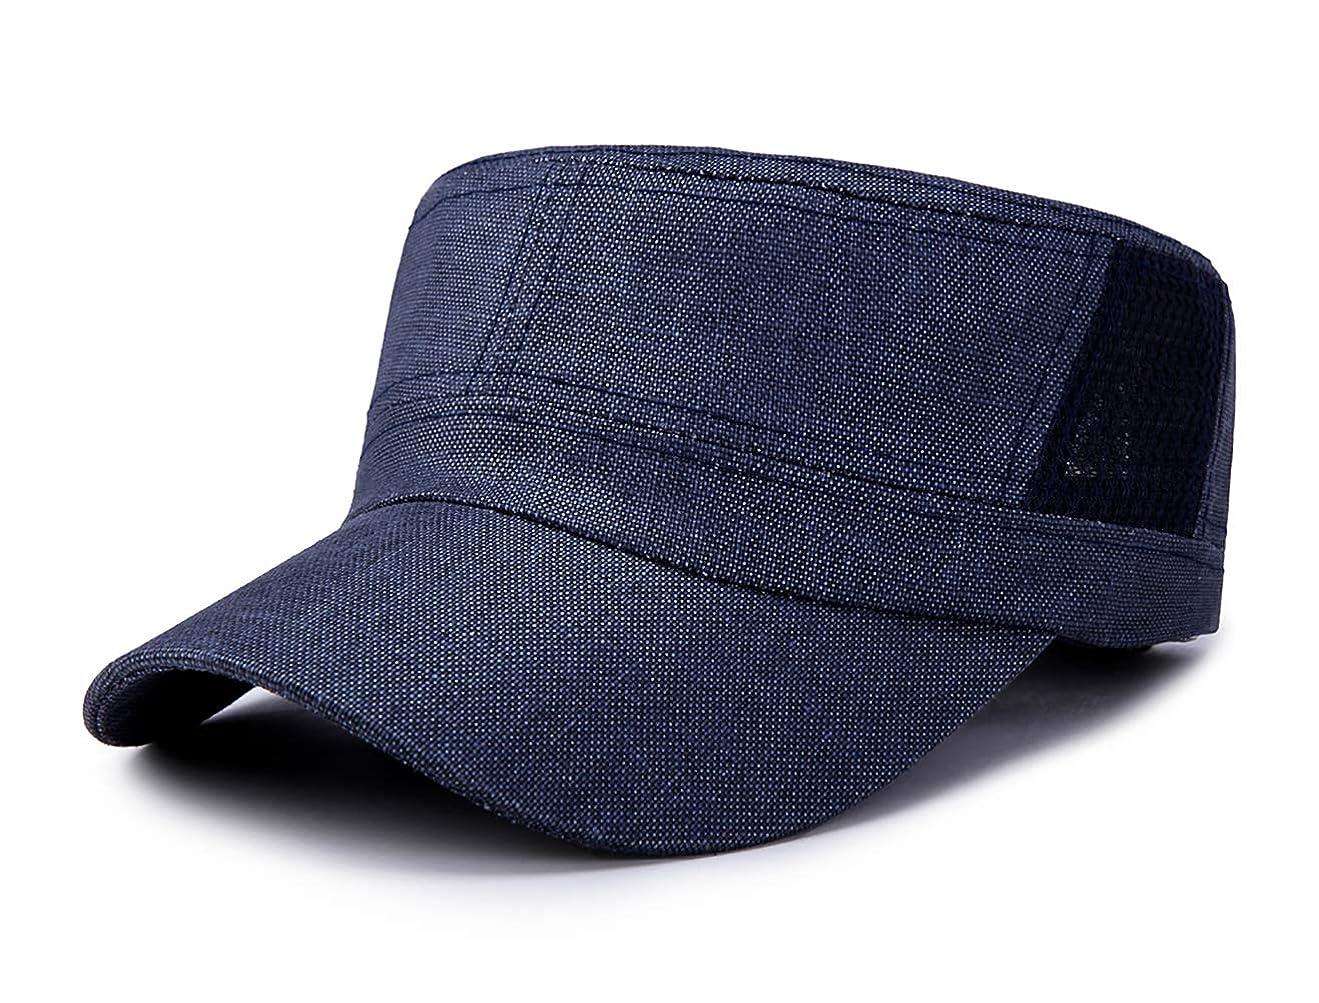 砦オリエンテーション事件、出来事[Lovechic] 帽子 ワークキャップ メンズ メッシュ 夏 高品質綿麻 クール 大きいサイズ 通気性抜群 メンズワークキャップ